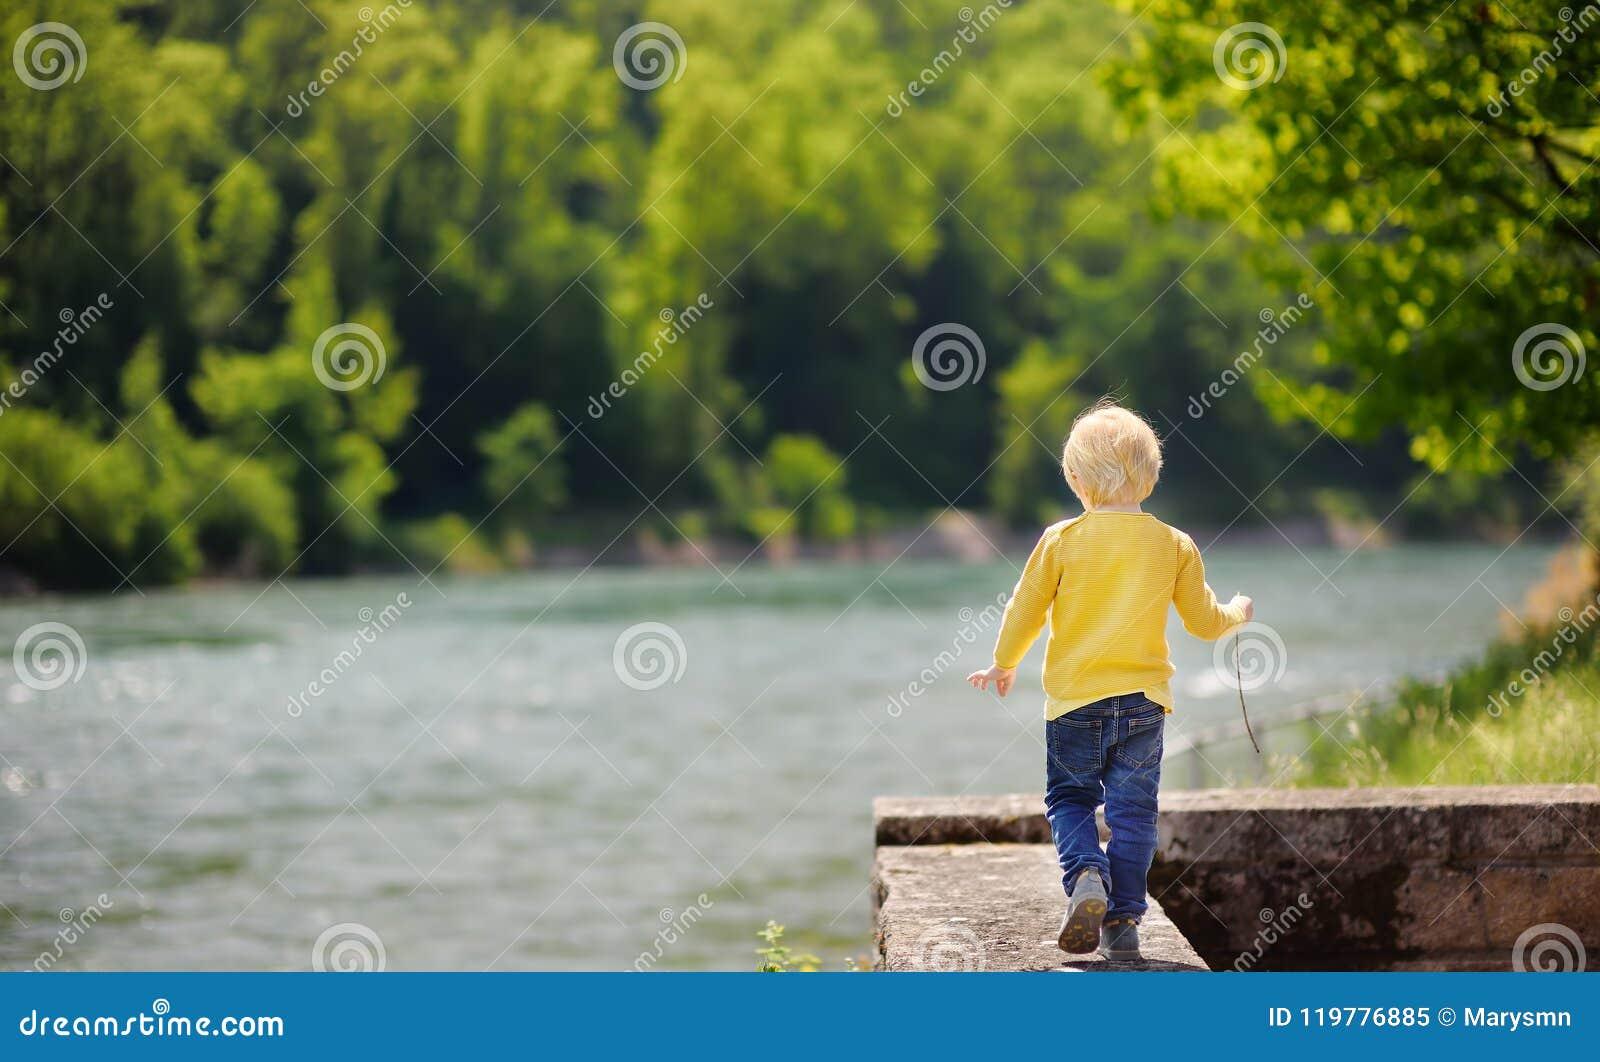 Rapaz pequeno na situação perigosa durante a caminhada no parque